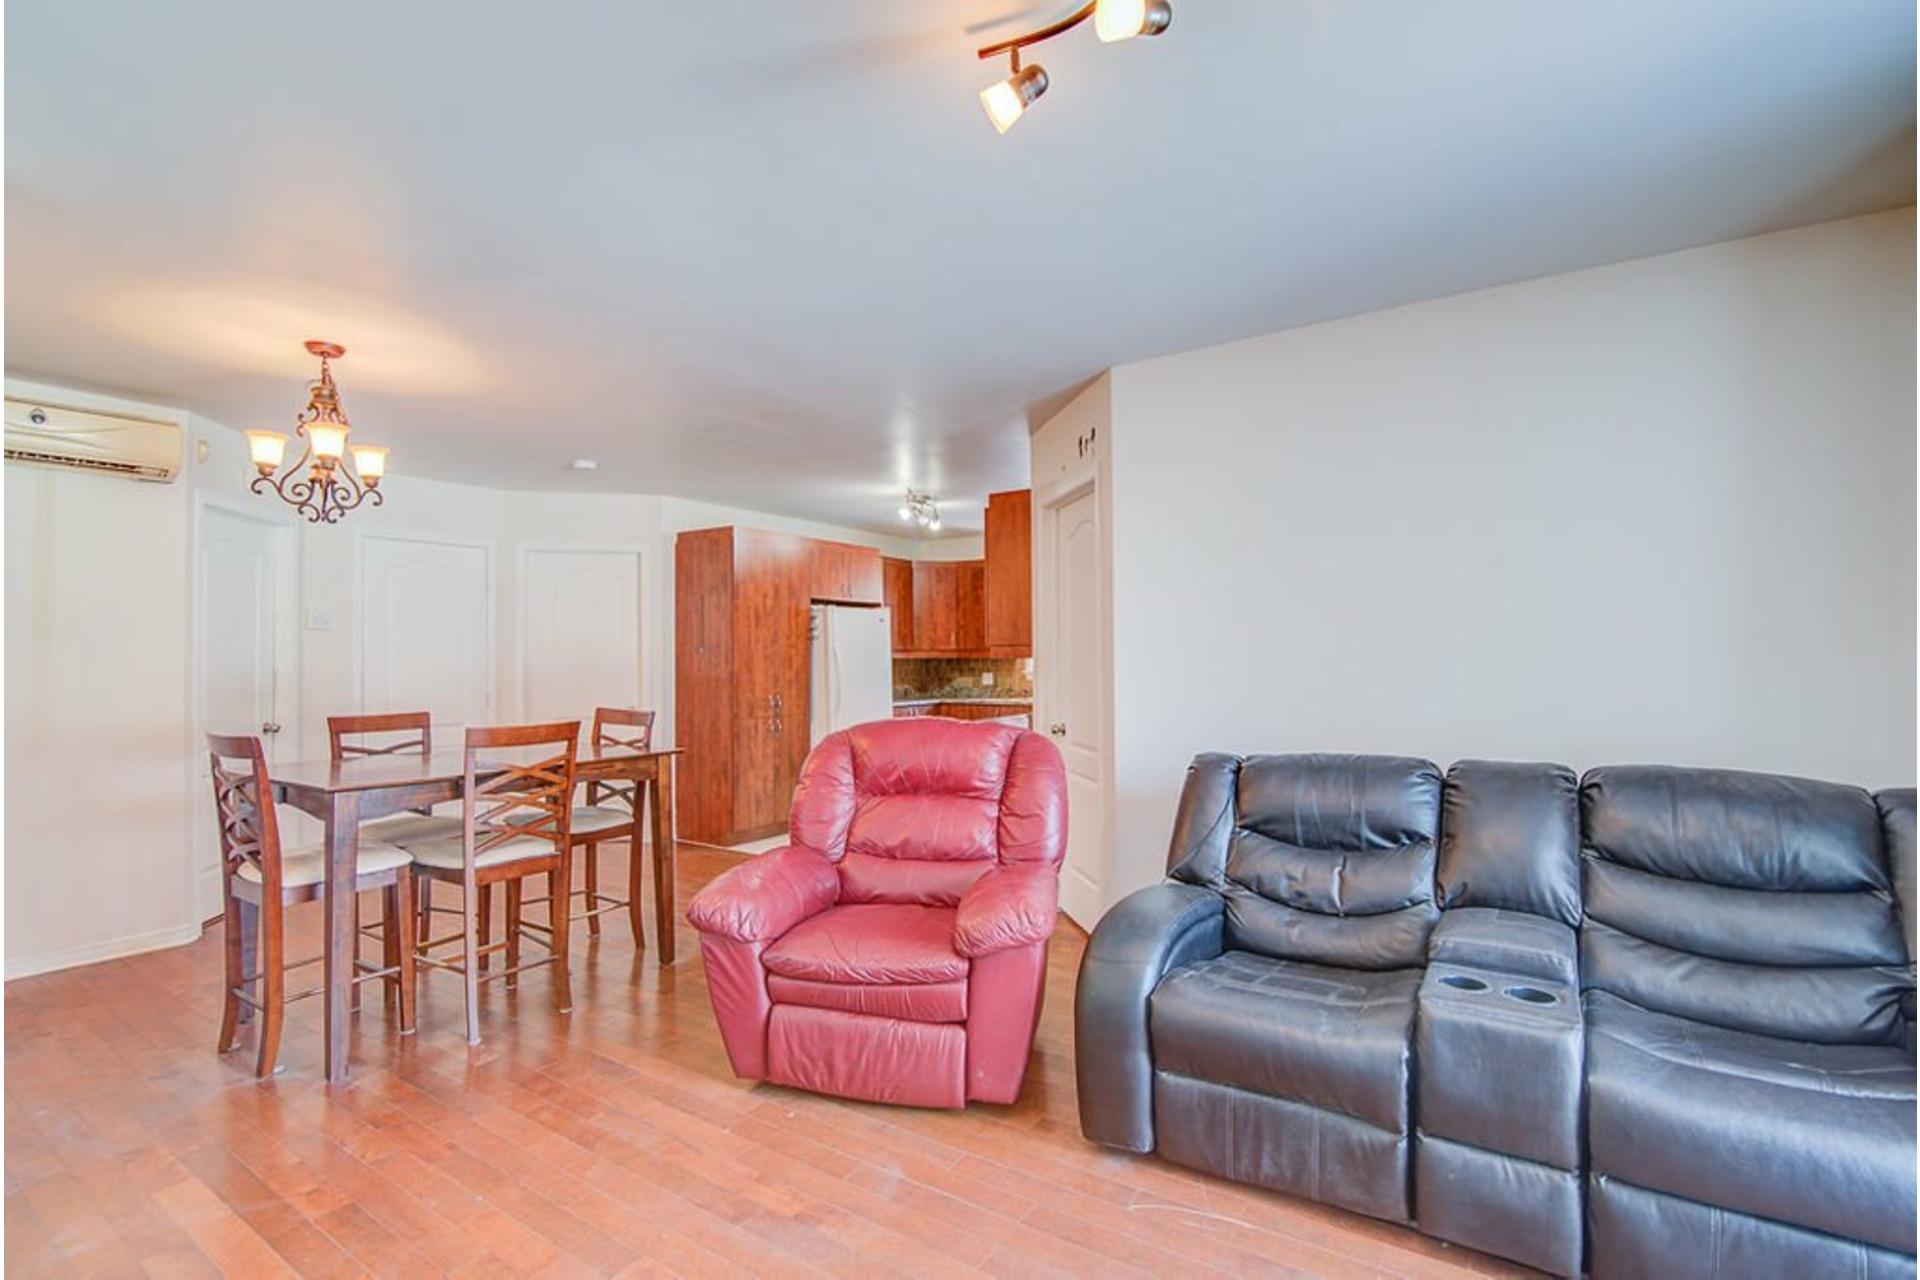 image 3 - Apartment For sale Sainte-Anne-des-Plaines - 7 rooms